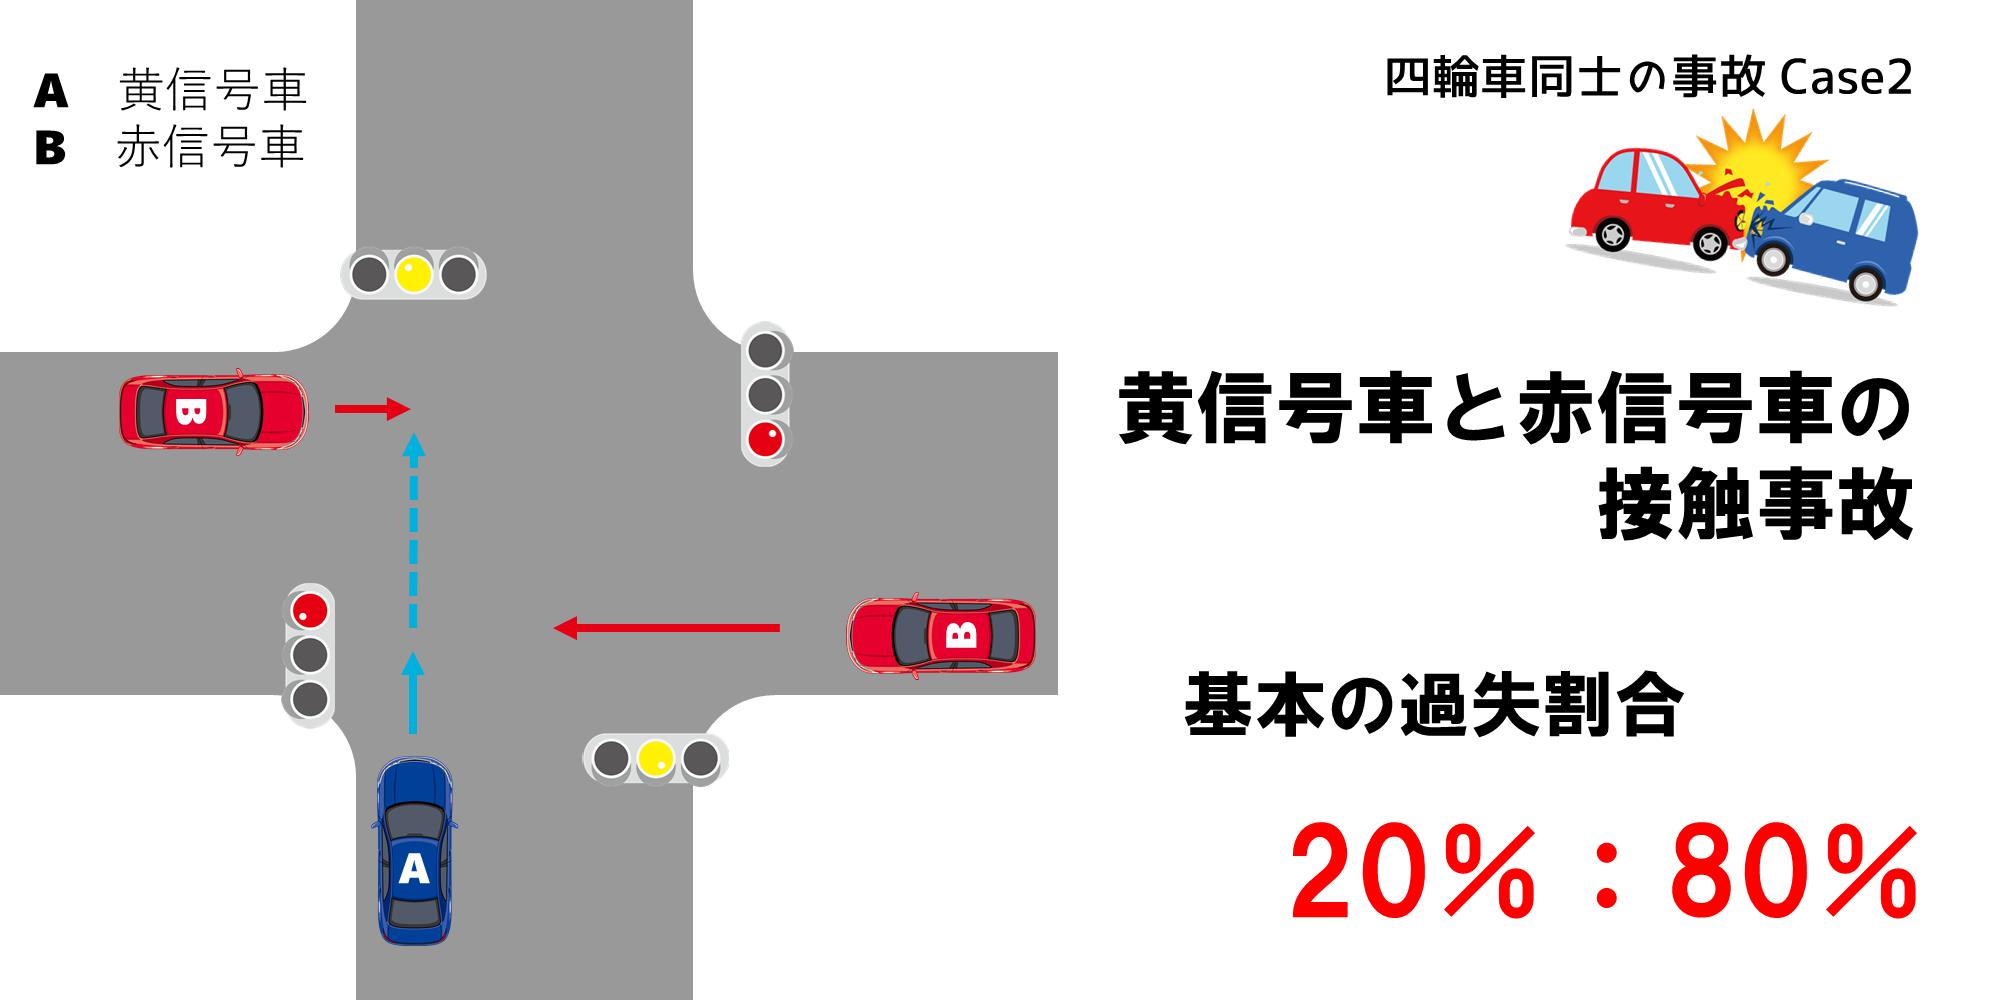 黄信号車と赤信号車の接触事故